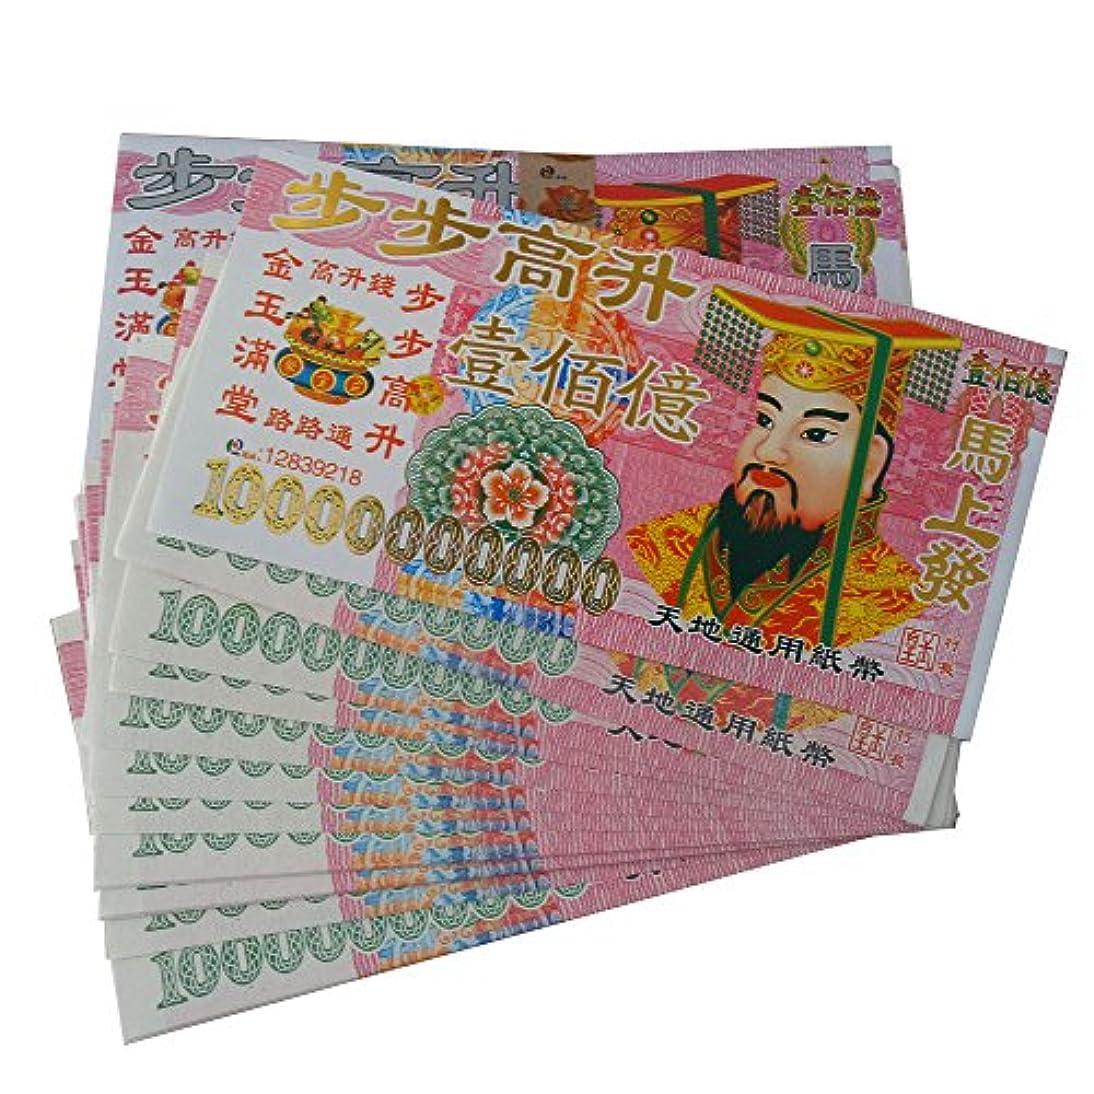 ルーム液化するシェルターzeestar Chinese Joss Paper Money Hell Bank Note $ 10,000,000,000 9.8インチx 5.1インチ(パックof 120 )